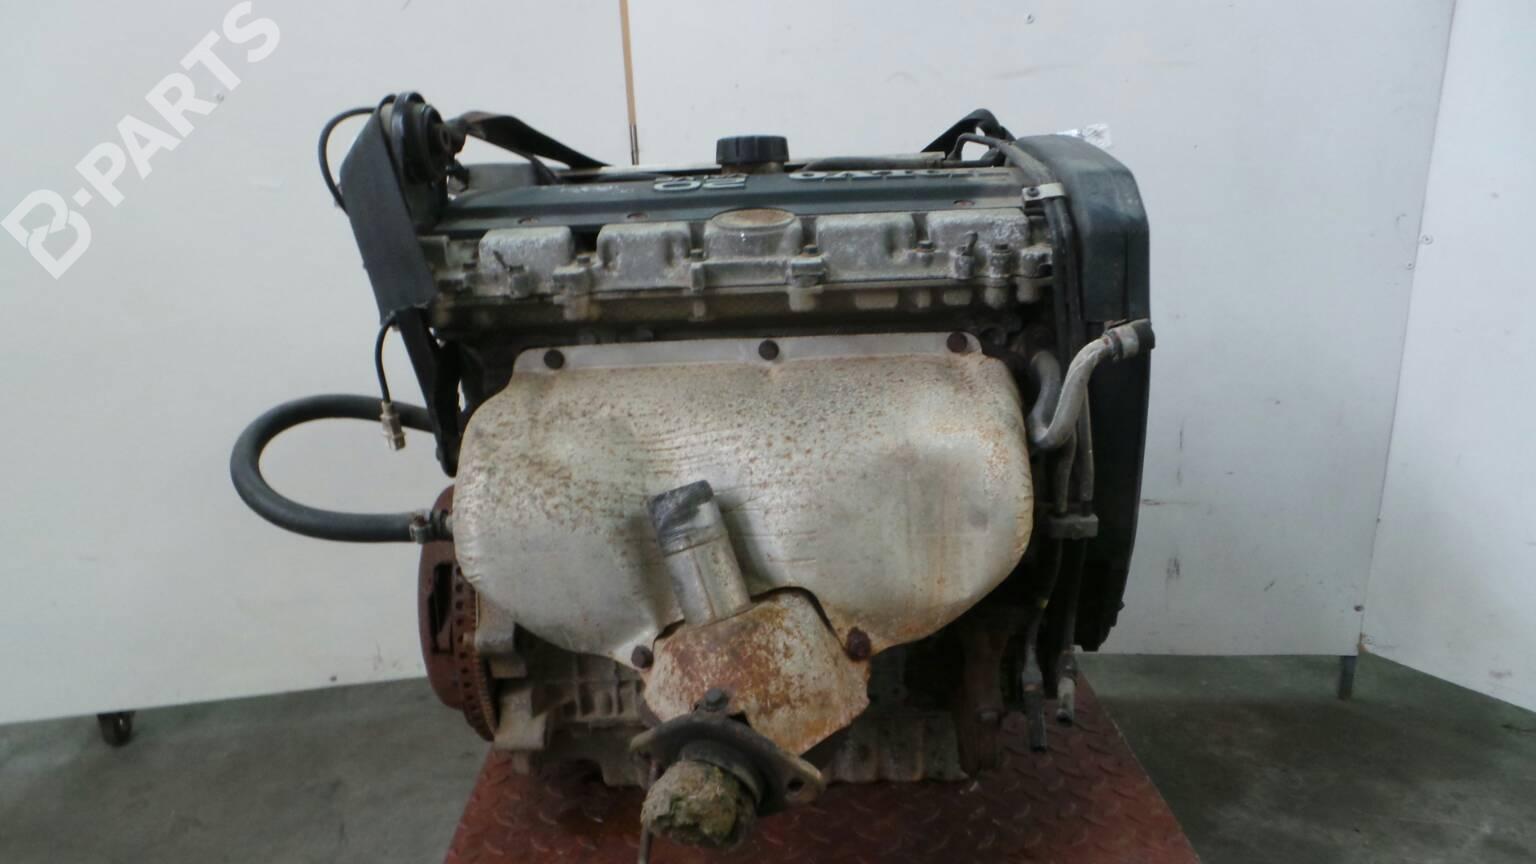 Engine Volvo 850 Estate Lw 20 144034 1994 Schematics Complete B5204s 416487 205 Doors